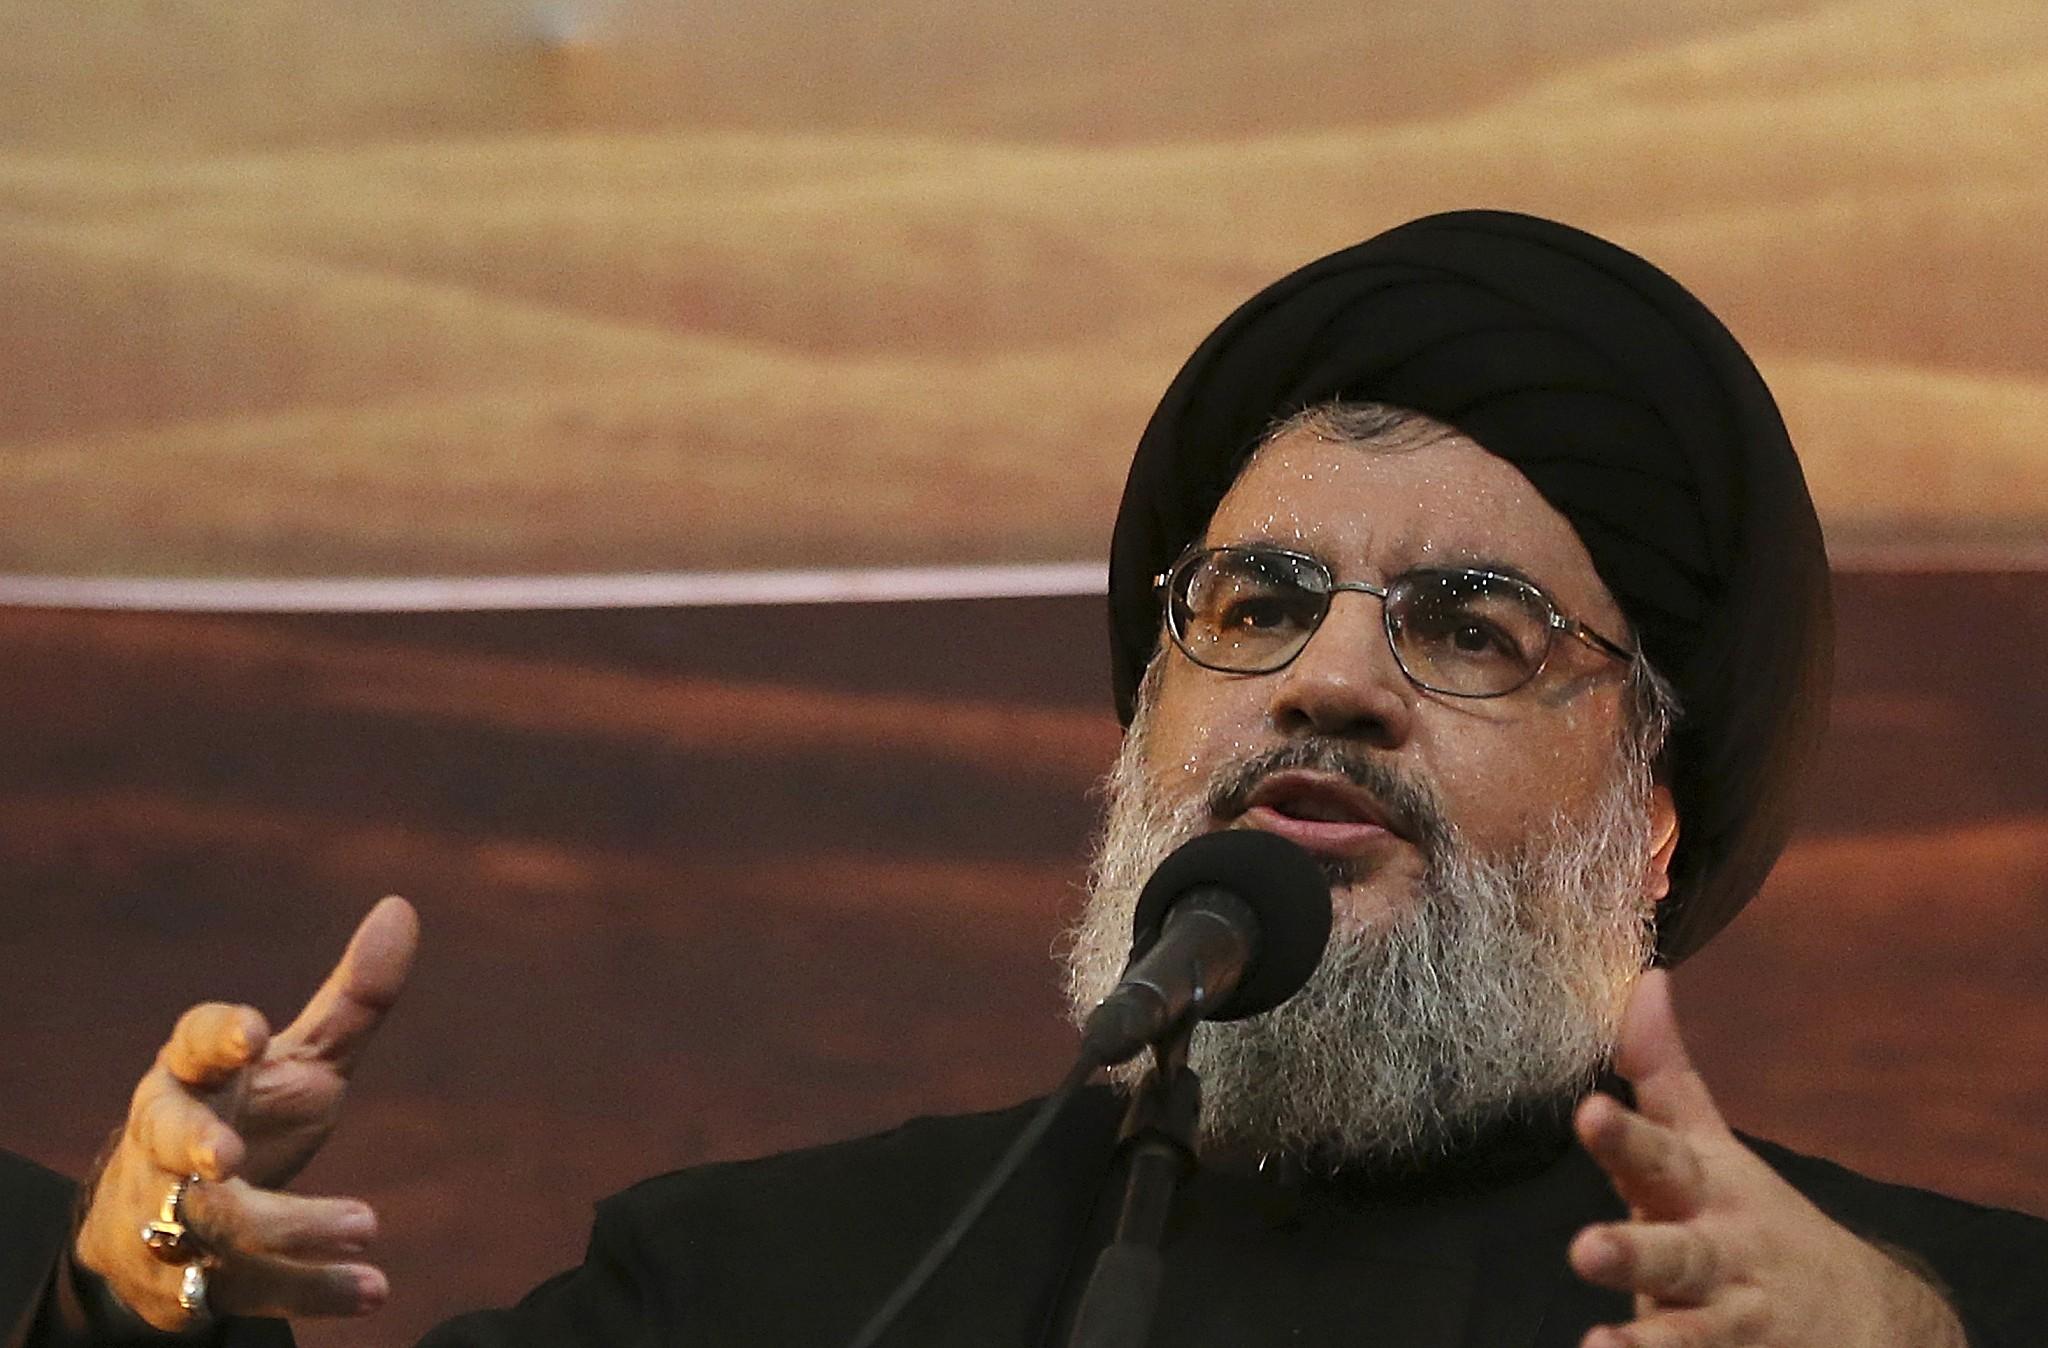 Hezbollah kërcënon SHBA-në: Nëse nuk tërheq trupat nga Iraku, do t'i ktheni me arkivole